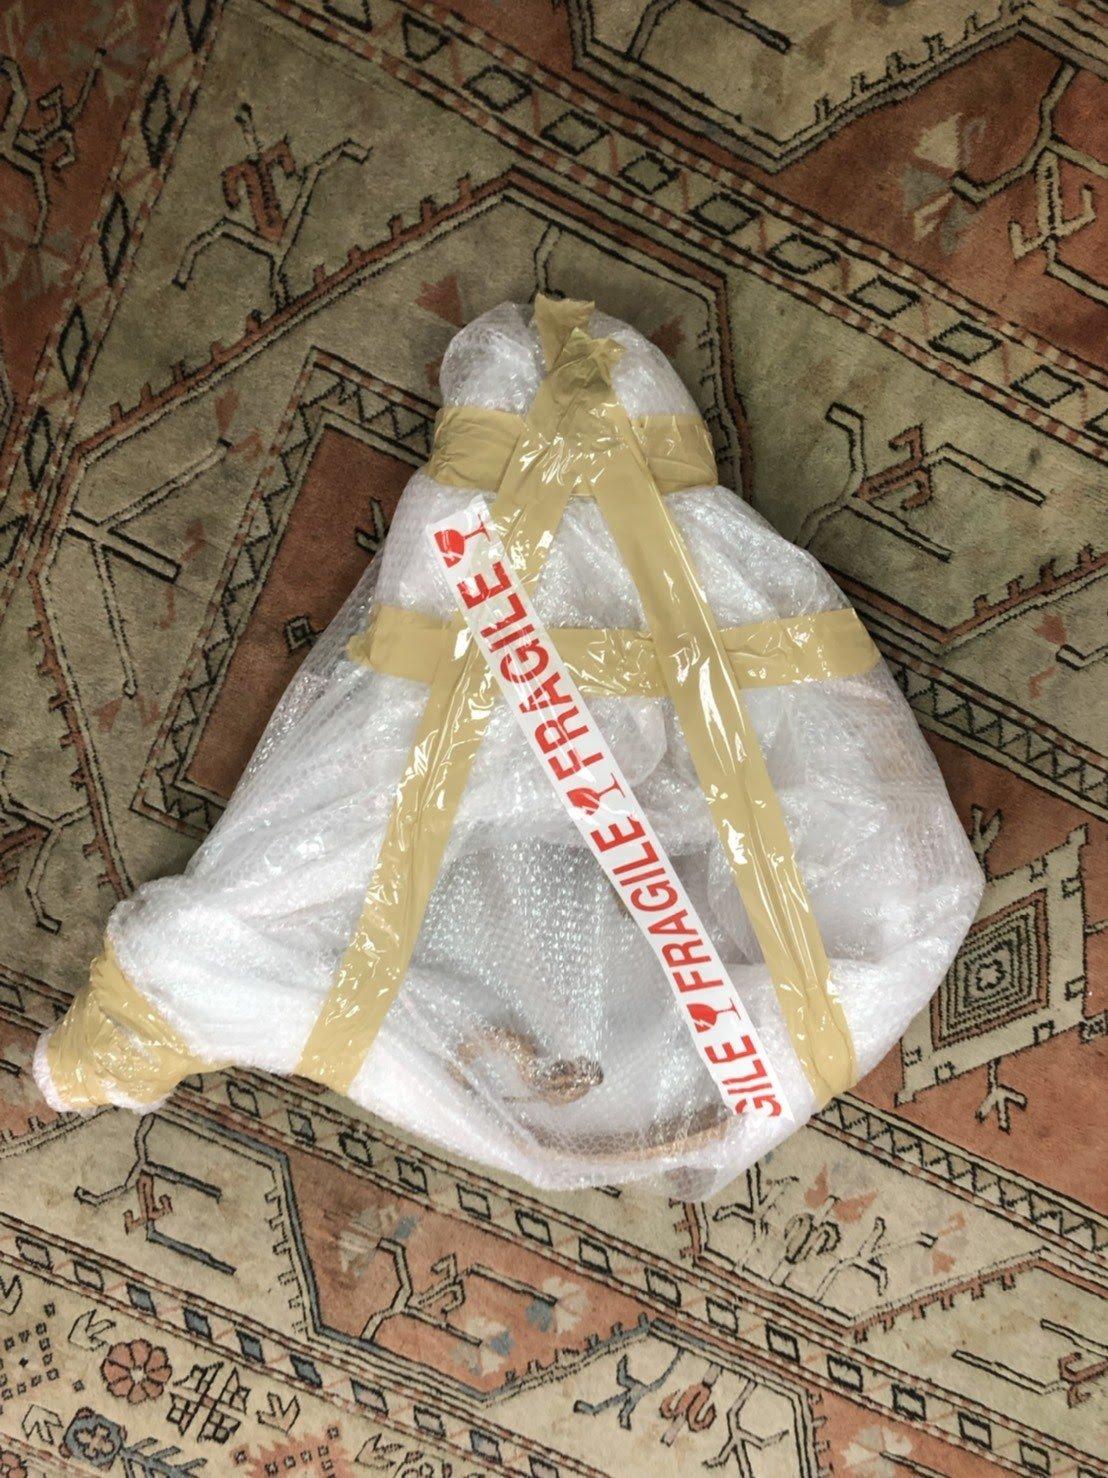 搬家公司【榮福搬家】精緻搬家給您最有品質、最安全的搬運服務,家中的不規則形狀貴重物品,會先裹上氣泡紙作為第一層保護,再綑上膠布使其更加牢固,防刮又防撞。